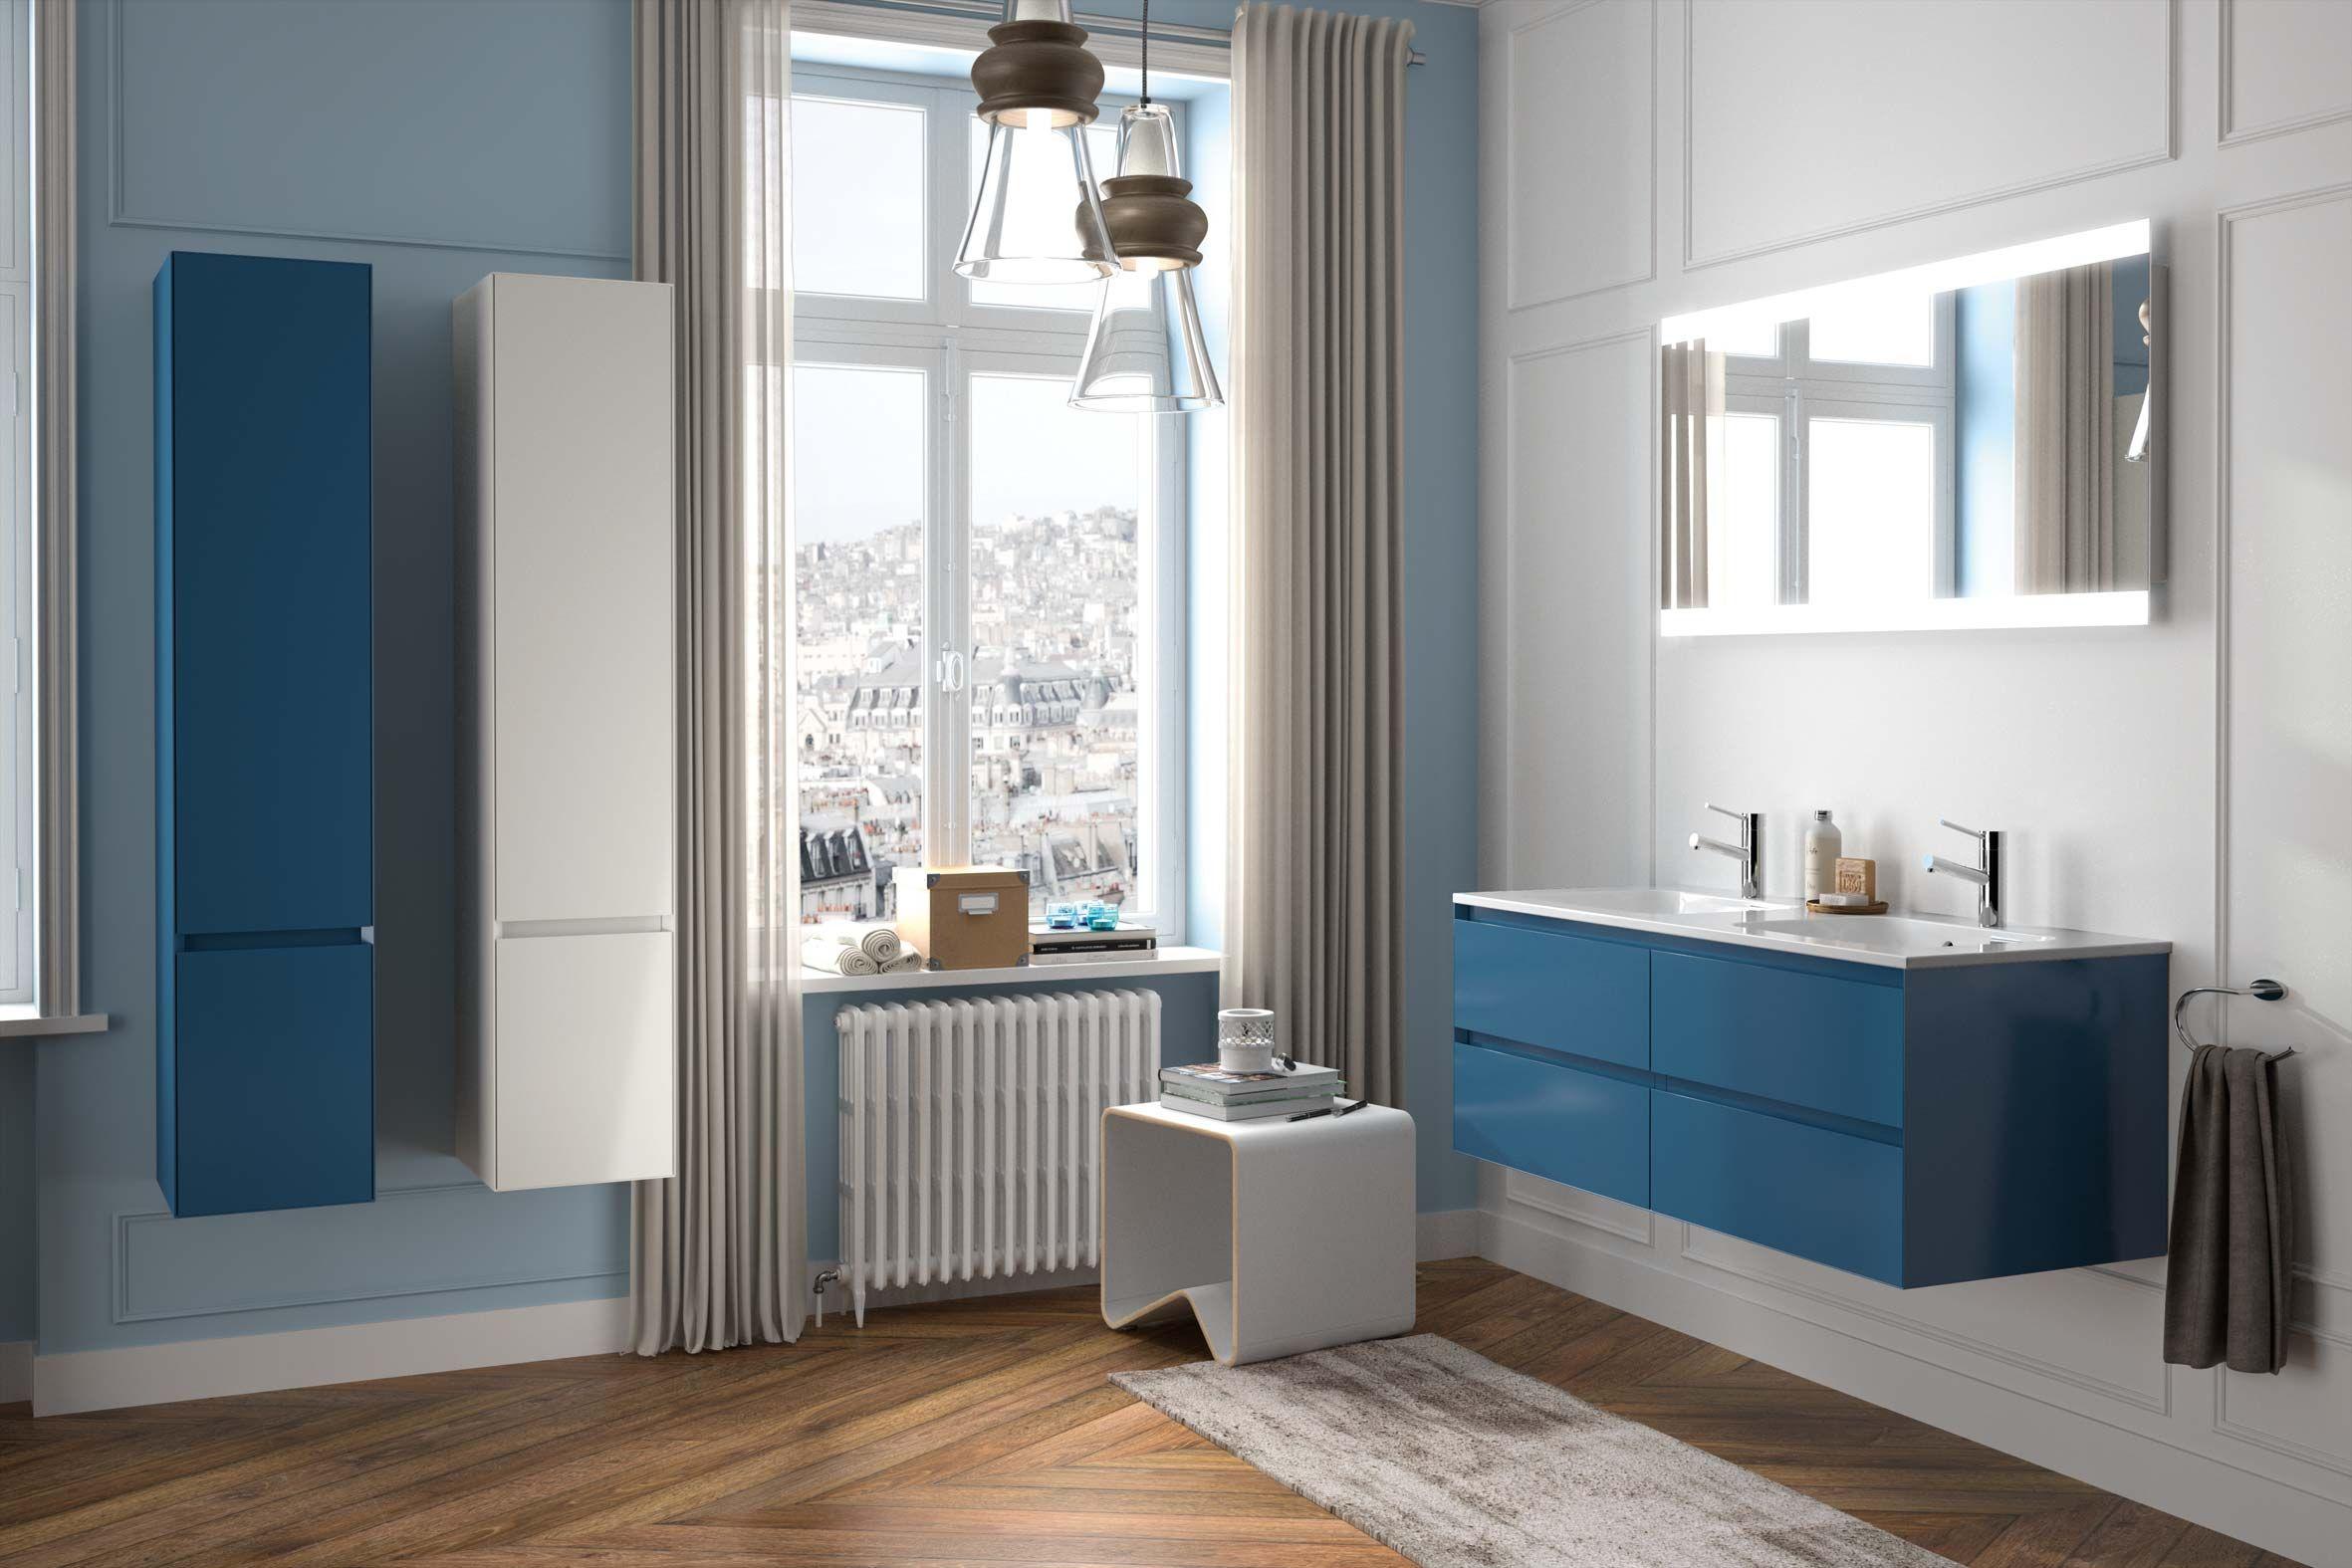 Meubles de salle de bain Cedam gamme Elite ambiance appartement haussmanien